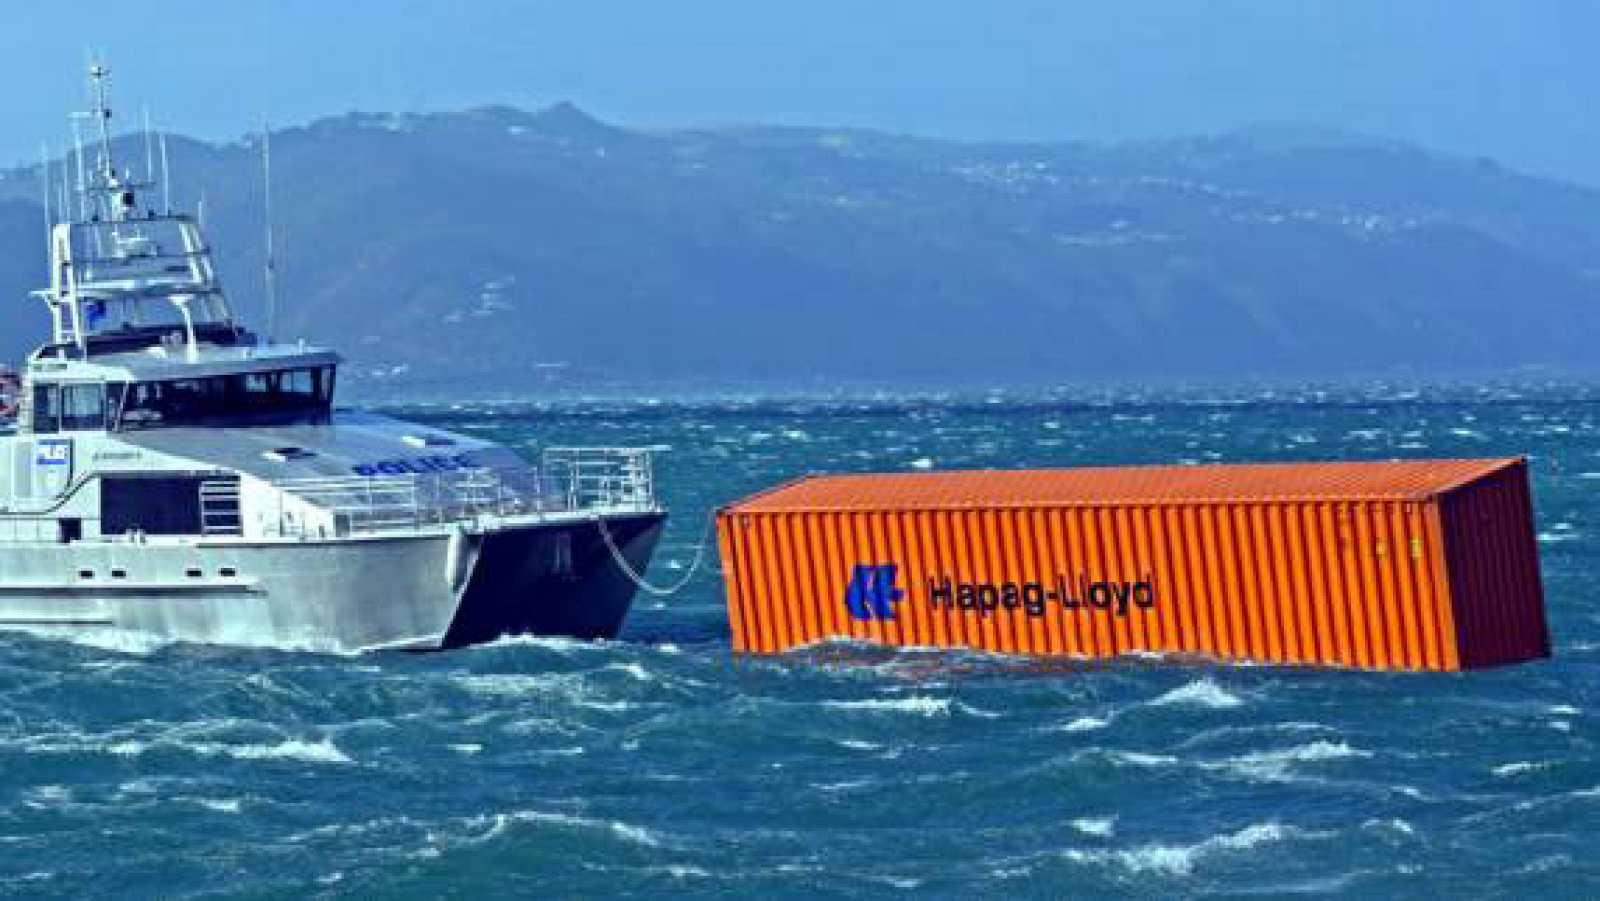 Españoles en la mar - Los 'OFNI', la gran amenaza de los navegantes oceánicos - 23/11/20 - escuchar ahora